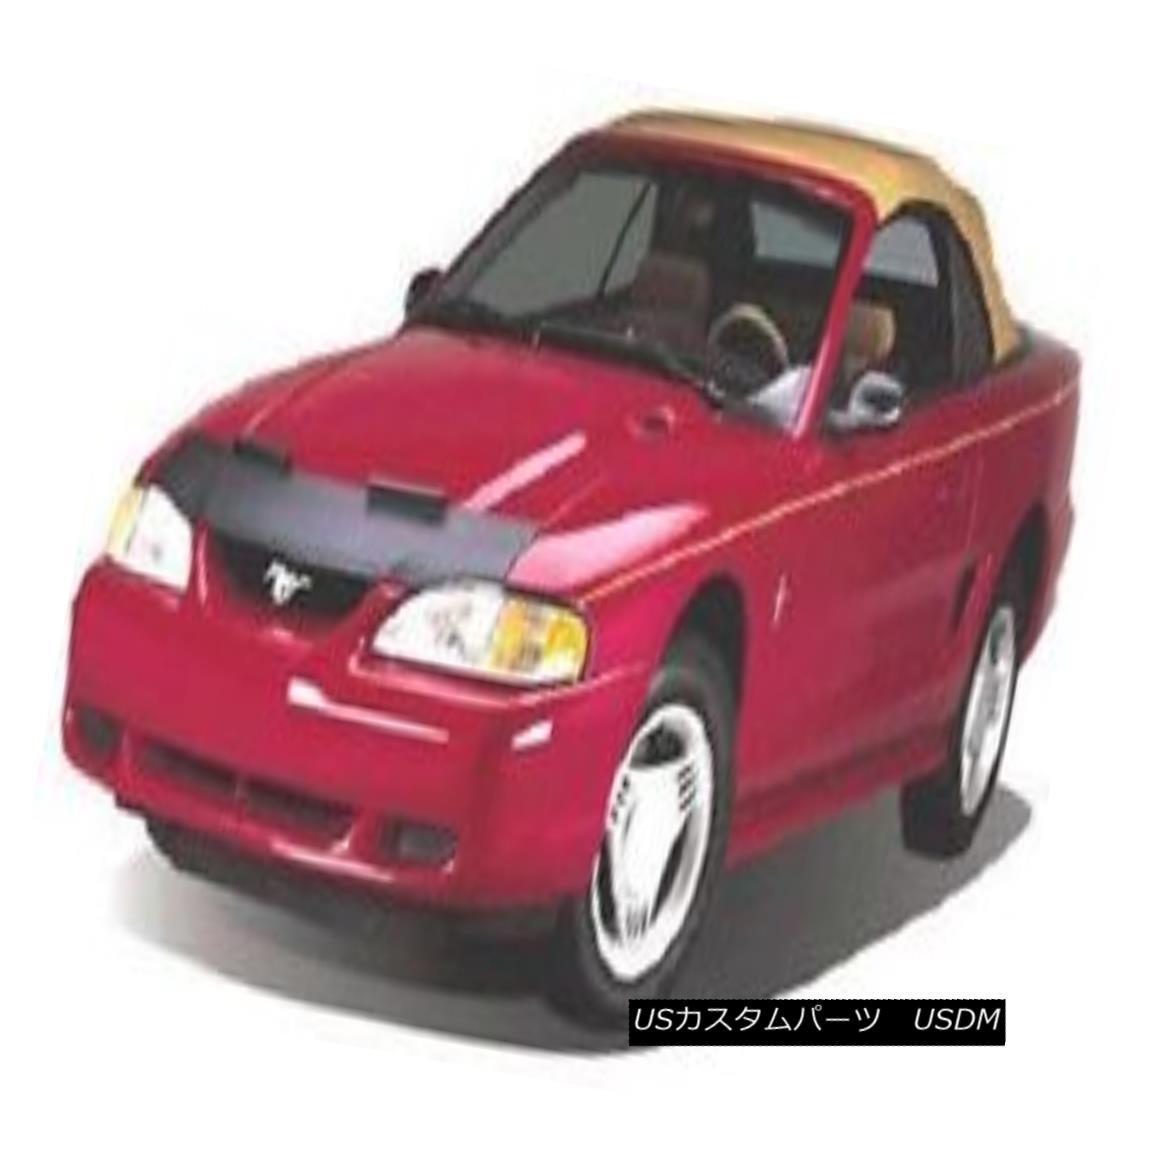 フルブラ ノーズブラ Lebra Hood Protector Mini Mask Bra Fits Honda Accord Sedan 2008-2012 Lebra Hood ProtectorミニマスクブラはHonda Accord Sedan 2008-2012に適合